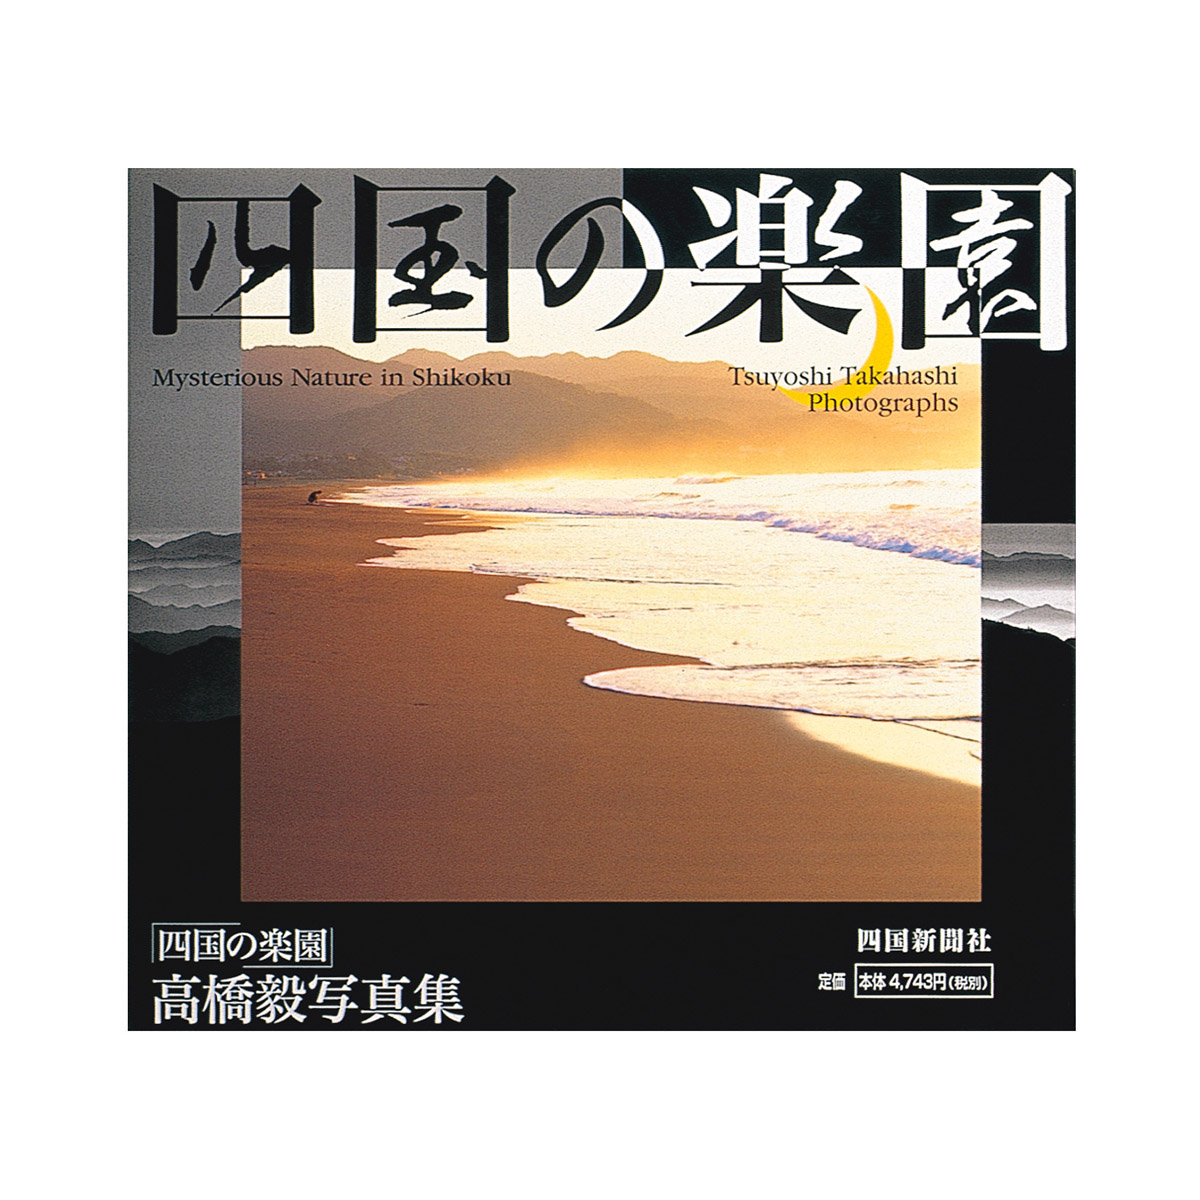 高橋毅 写真集「四国の楽園」